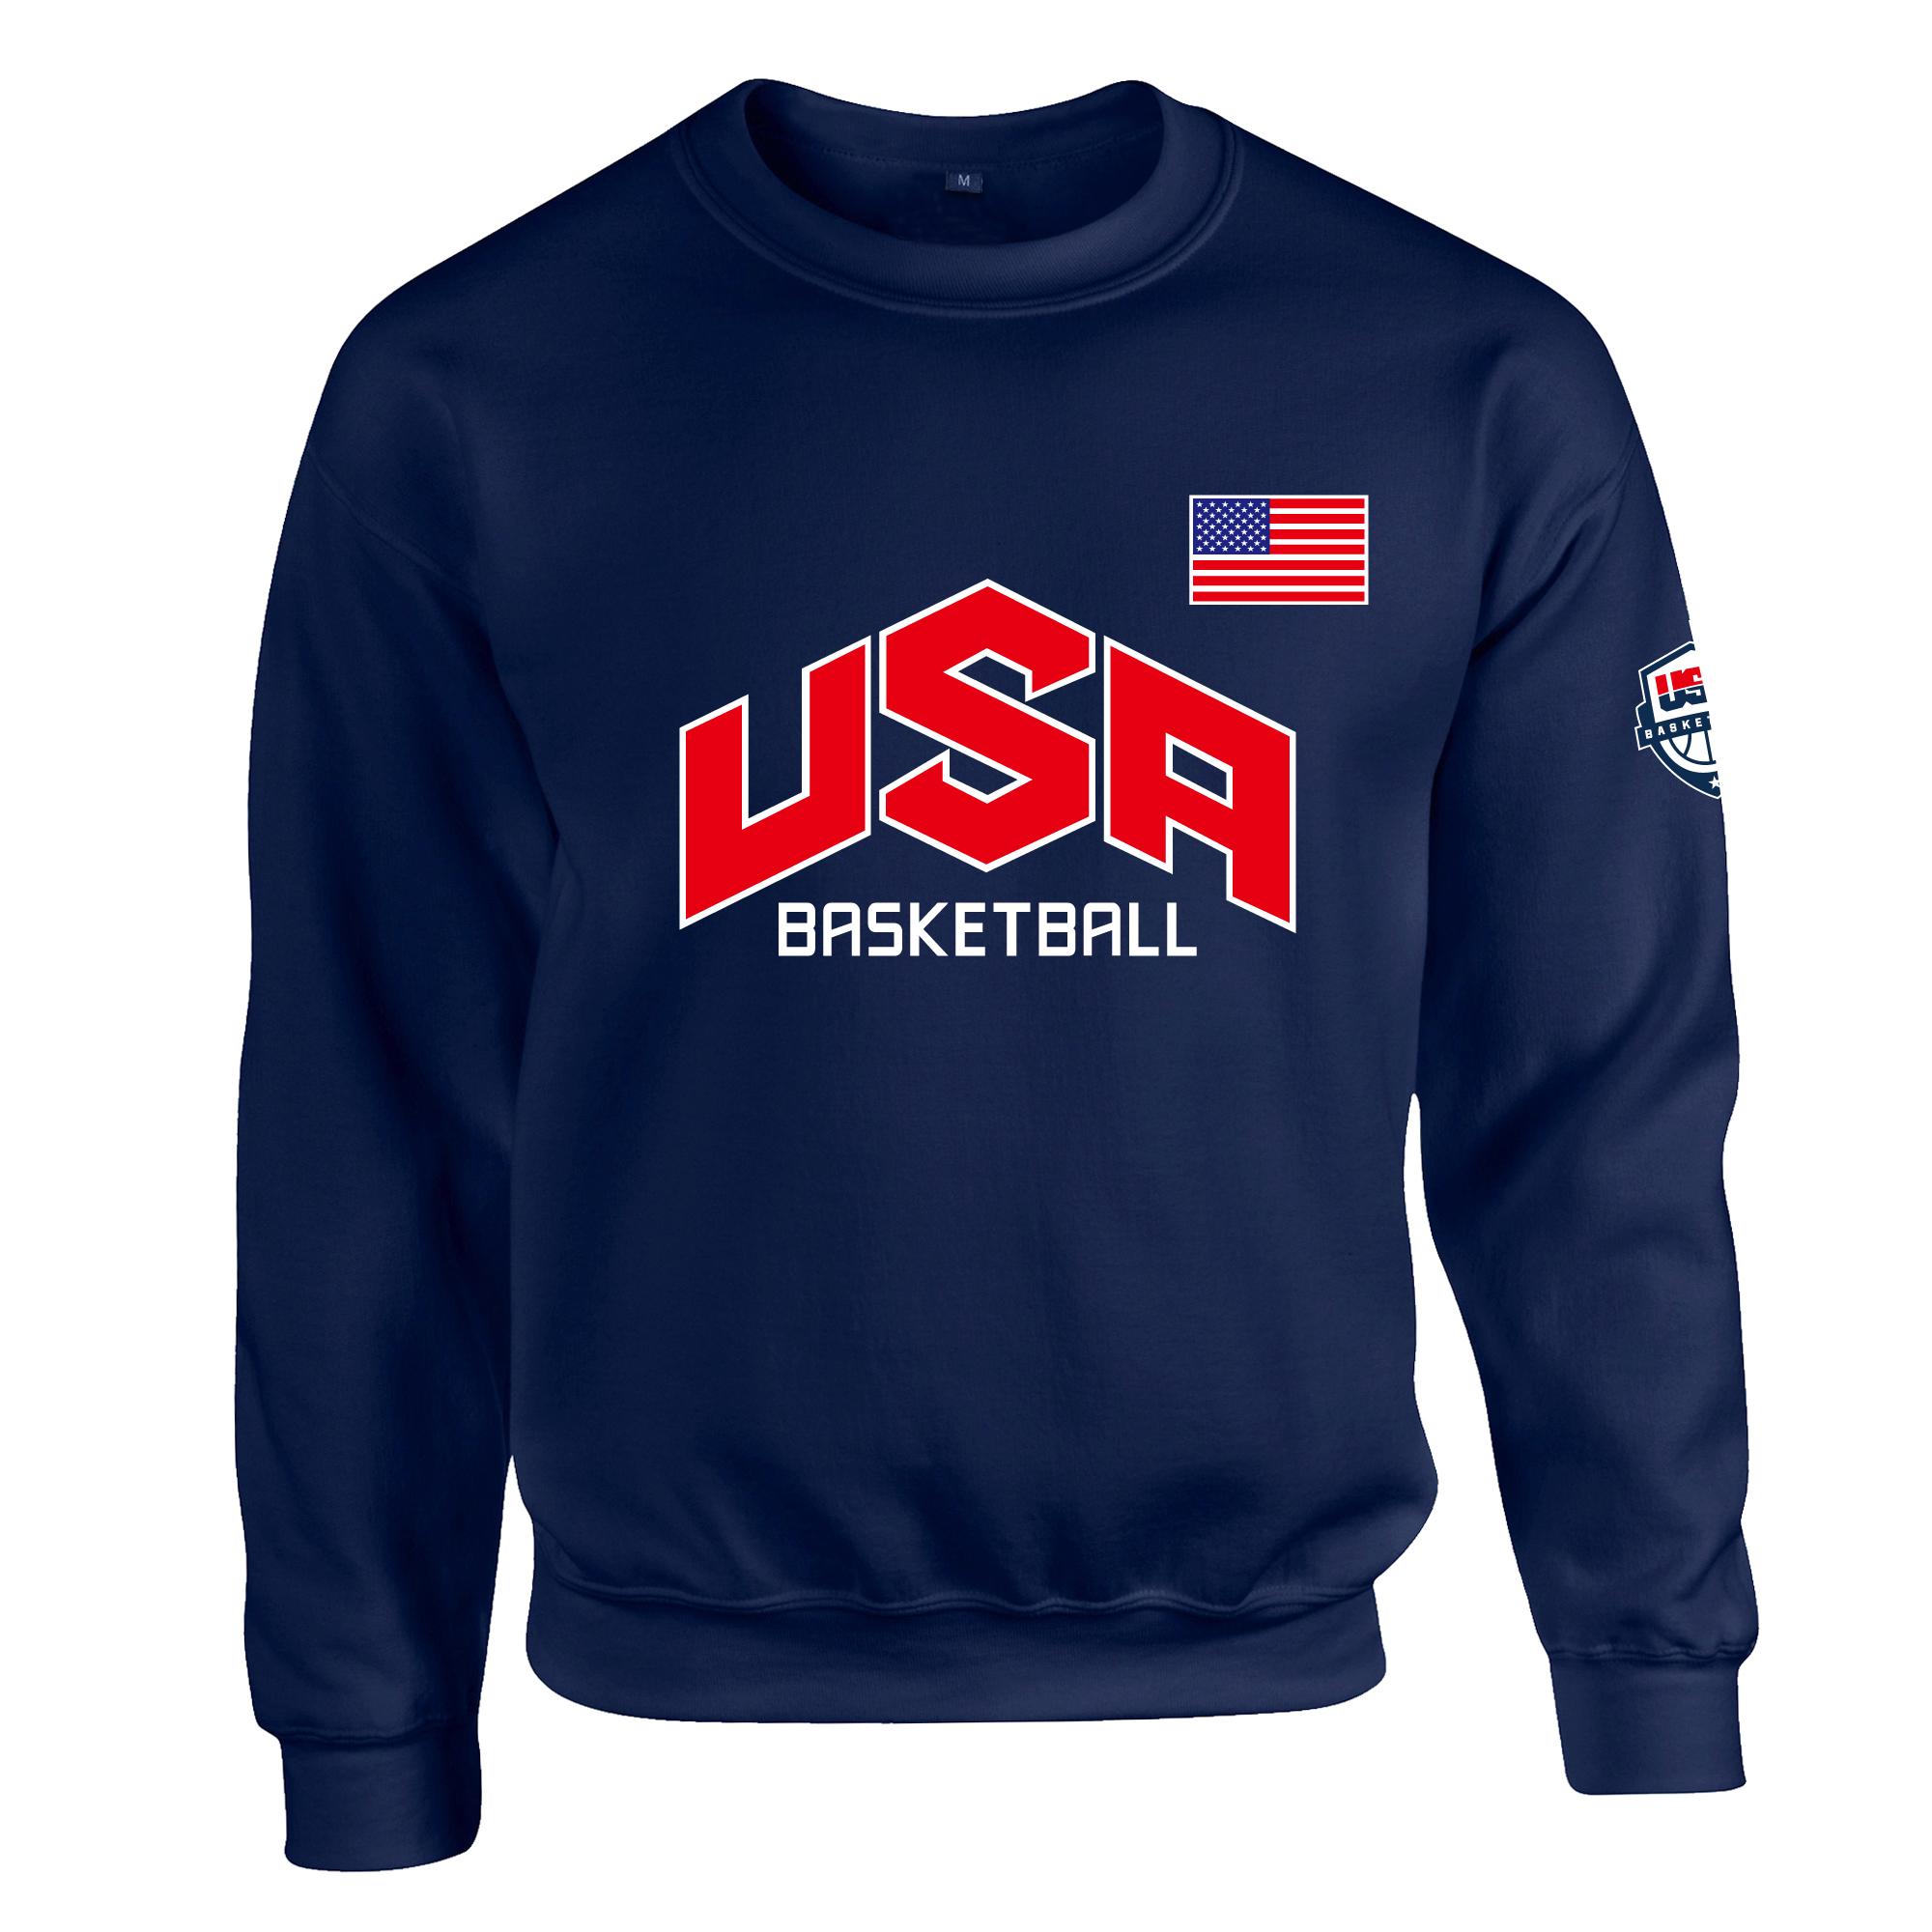 春秋冬USA美国男篮梦之队梦十男长袖圆领外套篮球加厚卫衣套头衫